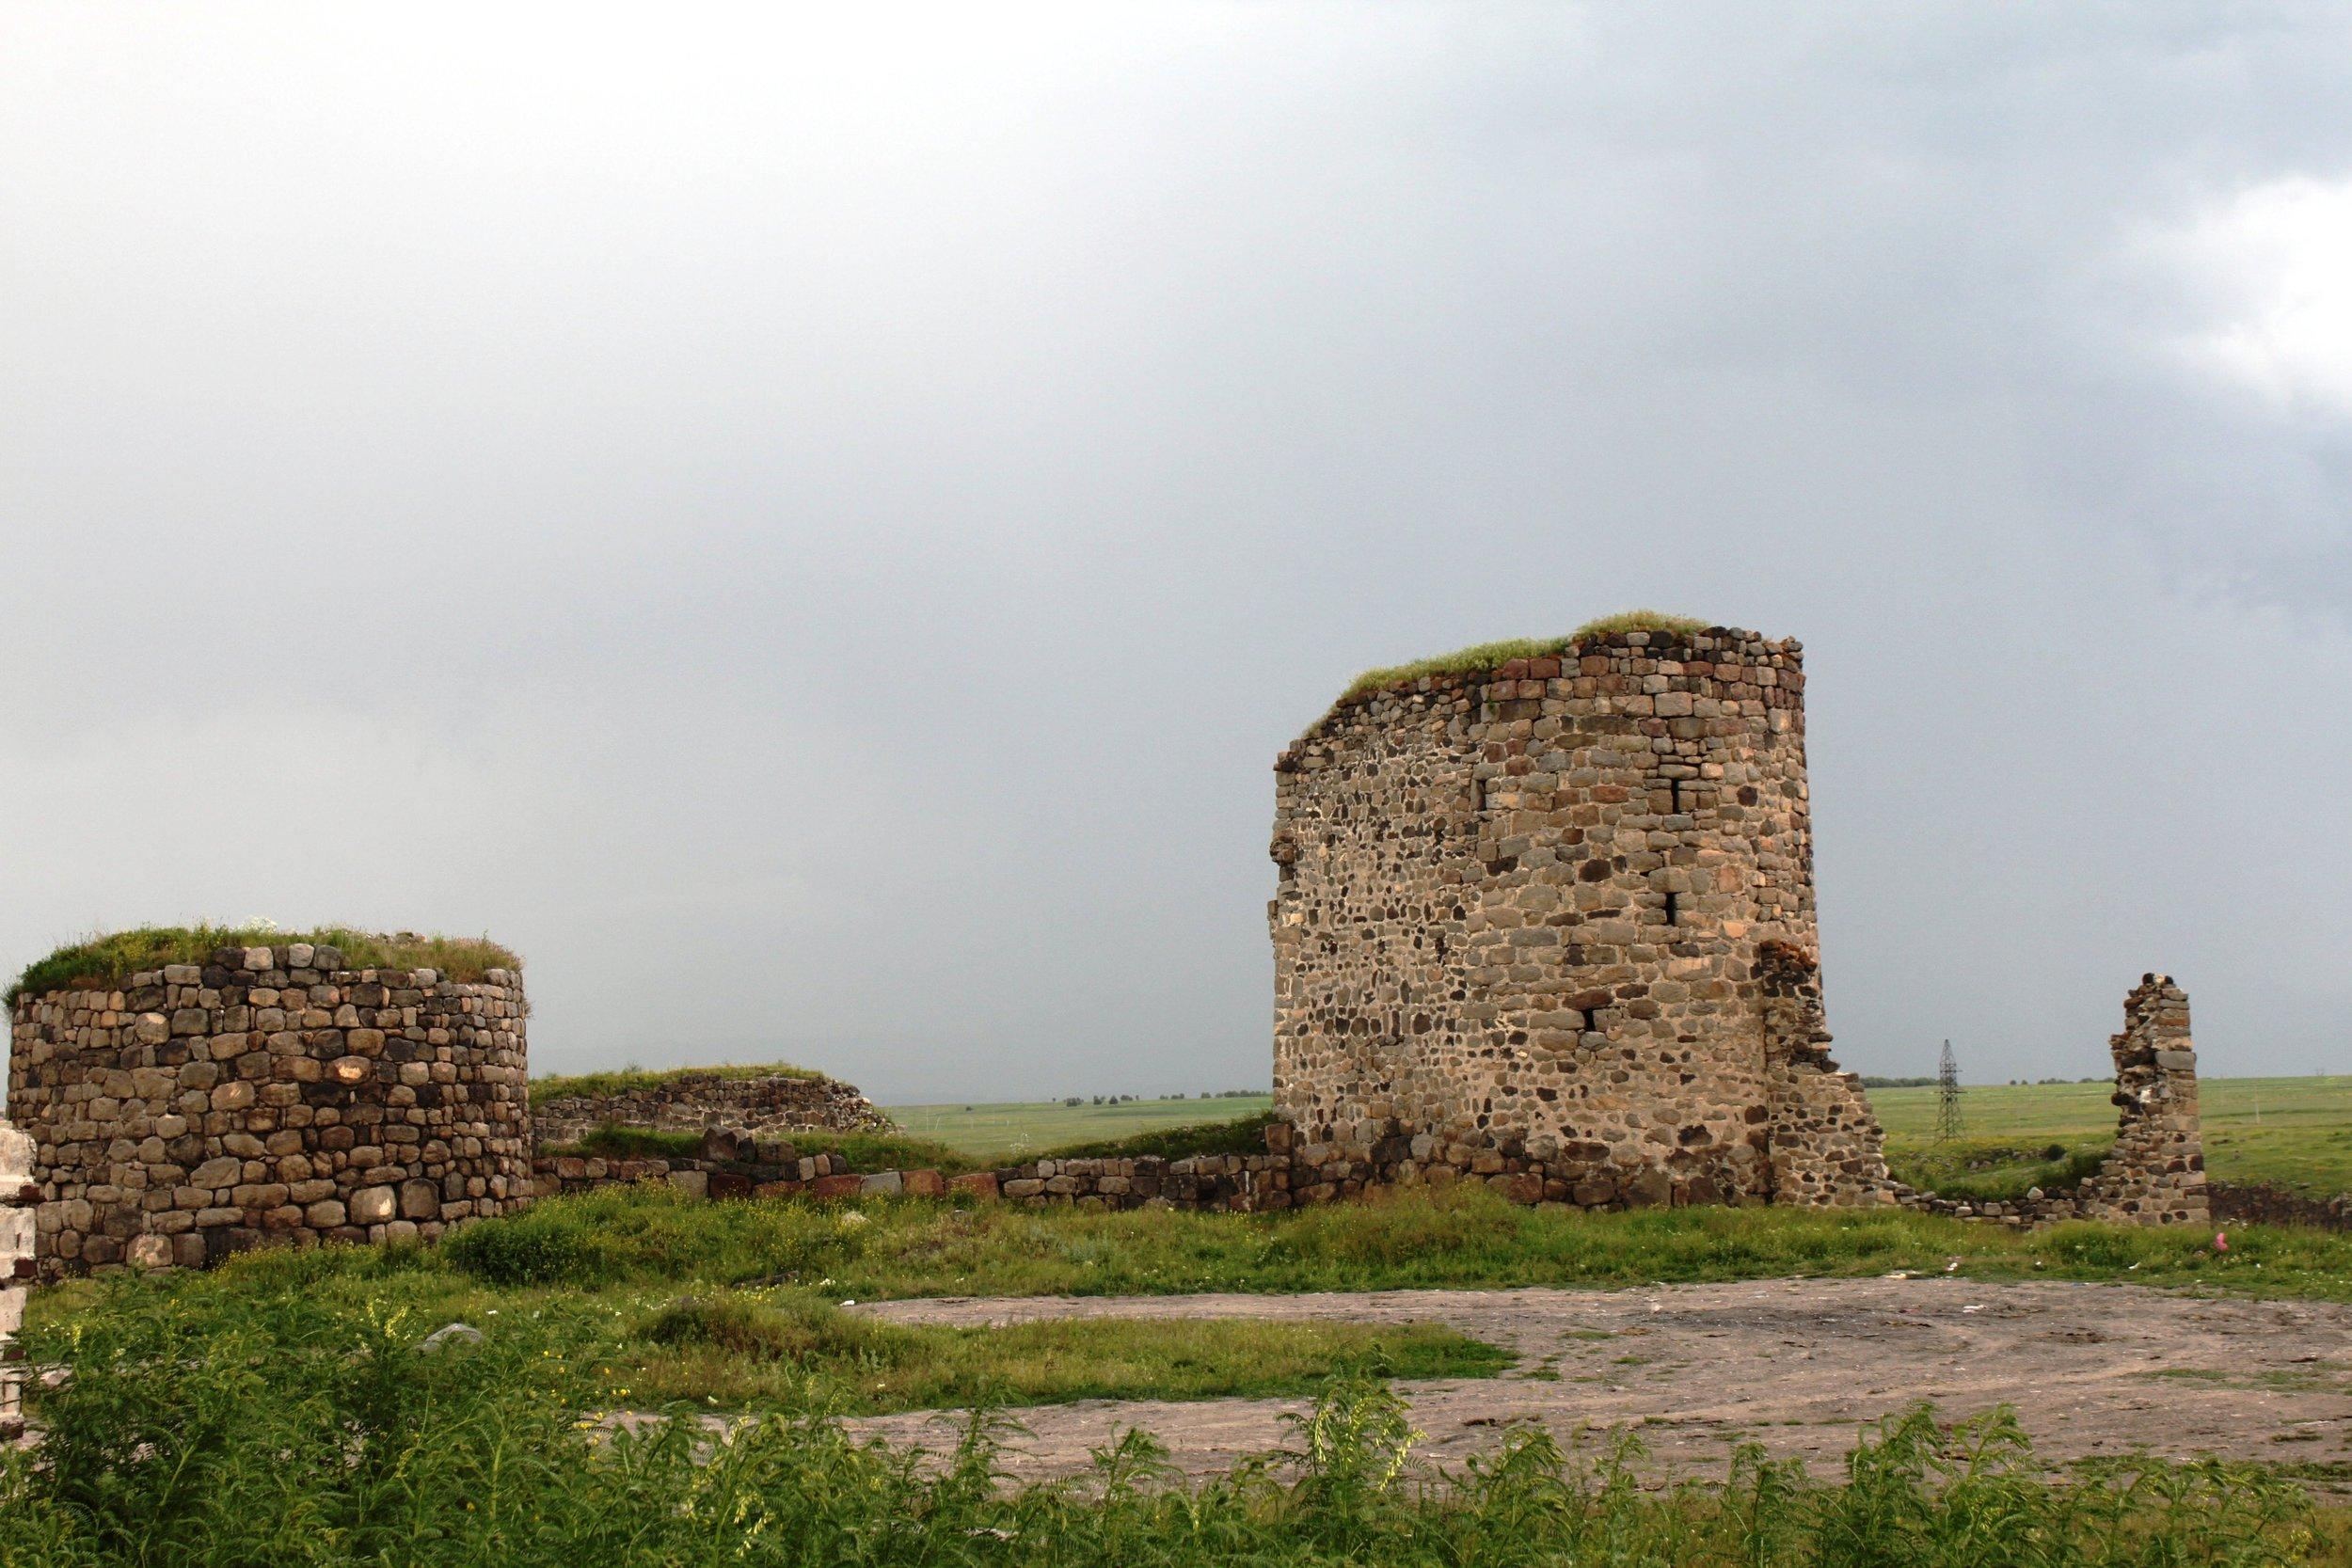 Ахалкалакская крепость. Точнее, то, что от нее осталось. В 1900-м была разрушена землетрясением. У местного населения не считалось зазорным взять с нее камень-другой для хозяйственных нужд